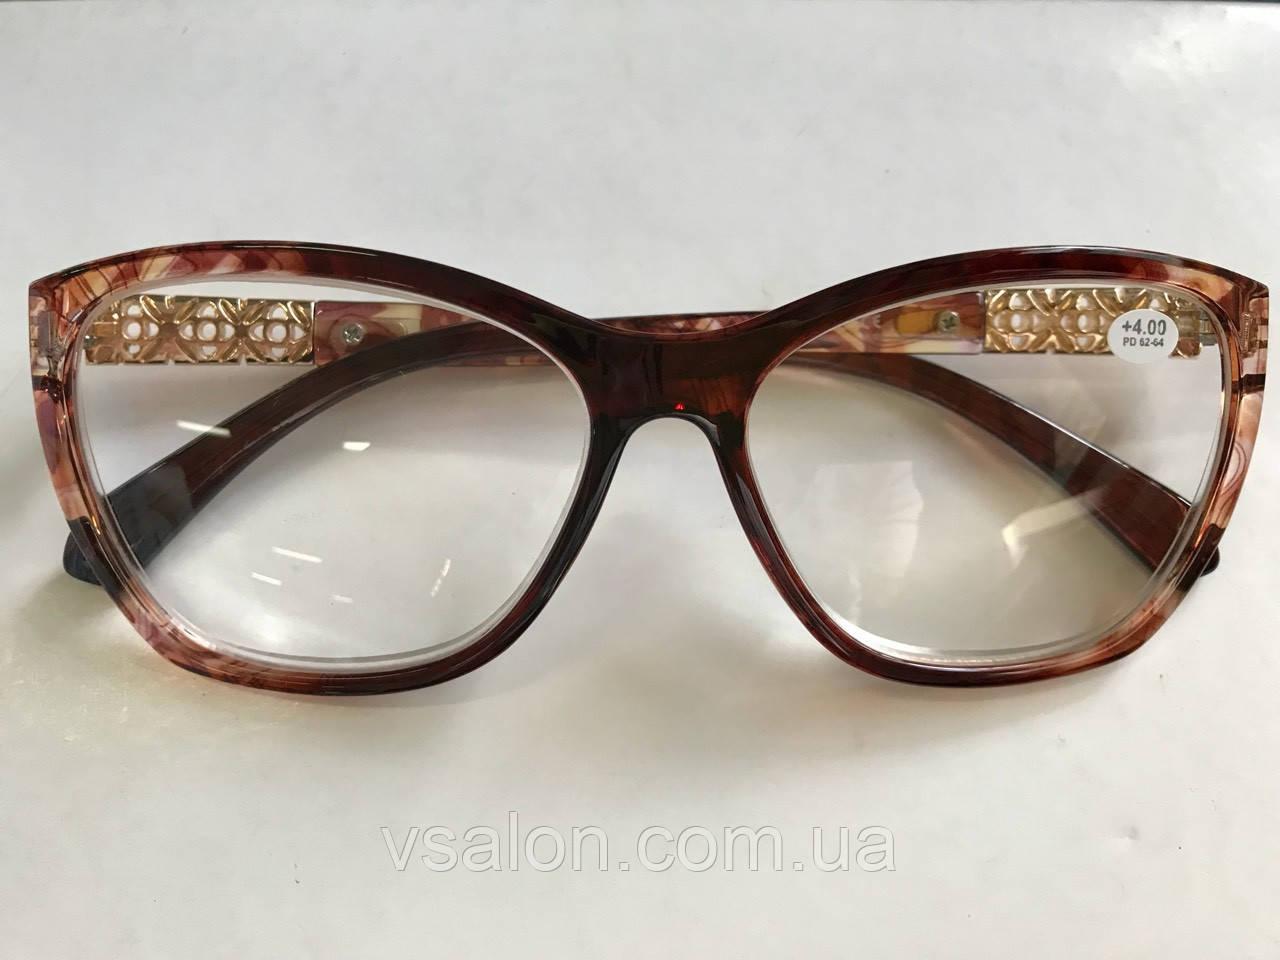 Модные очки для зрения 2156